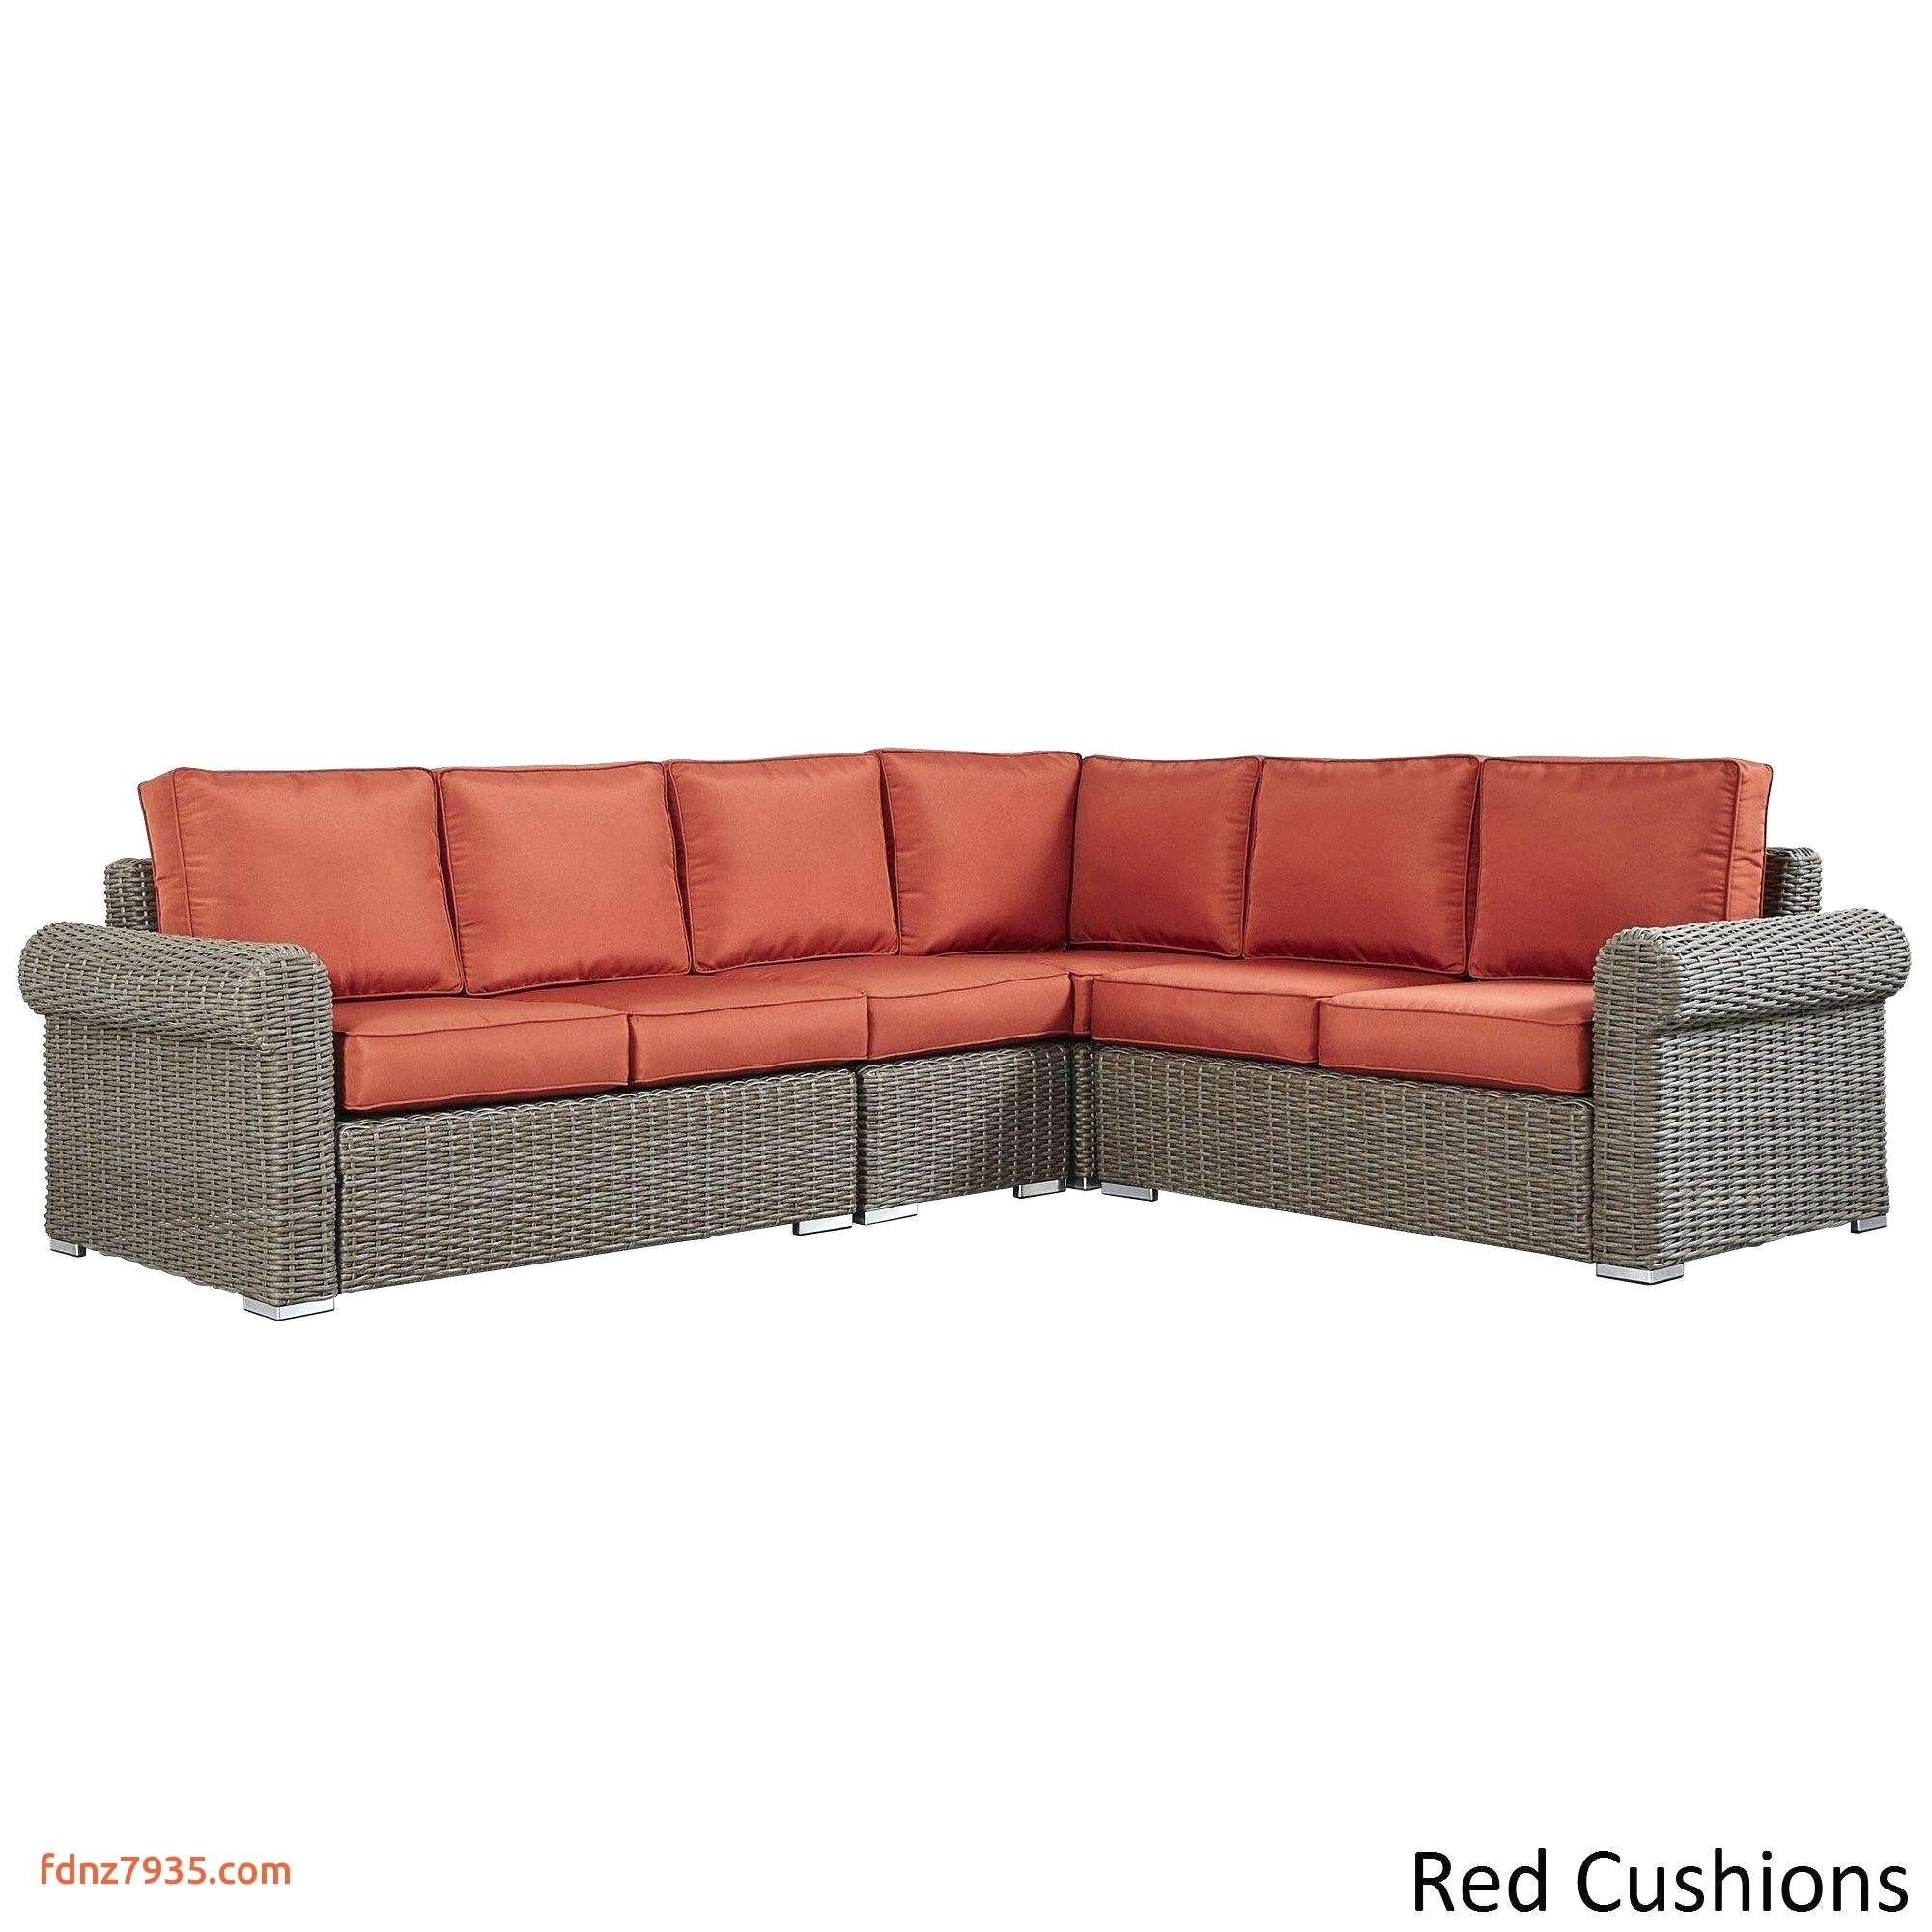 sunbrella patio furniture covers adorable wicker outdoor sofa 0d concept outdoor patio table cover